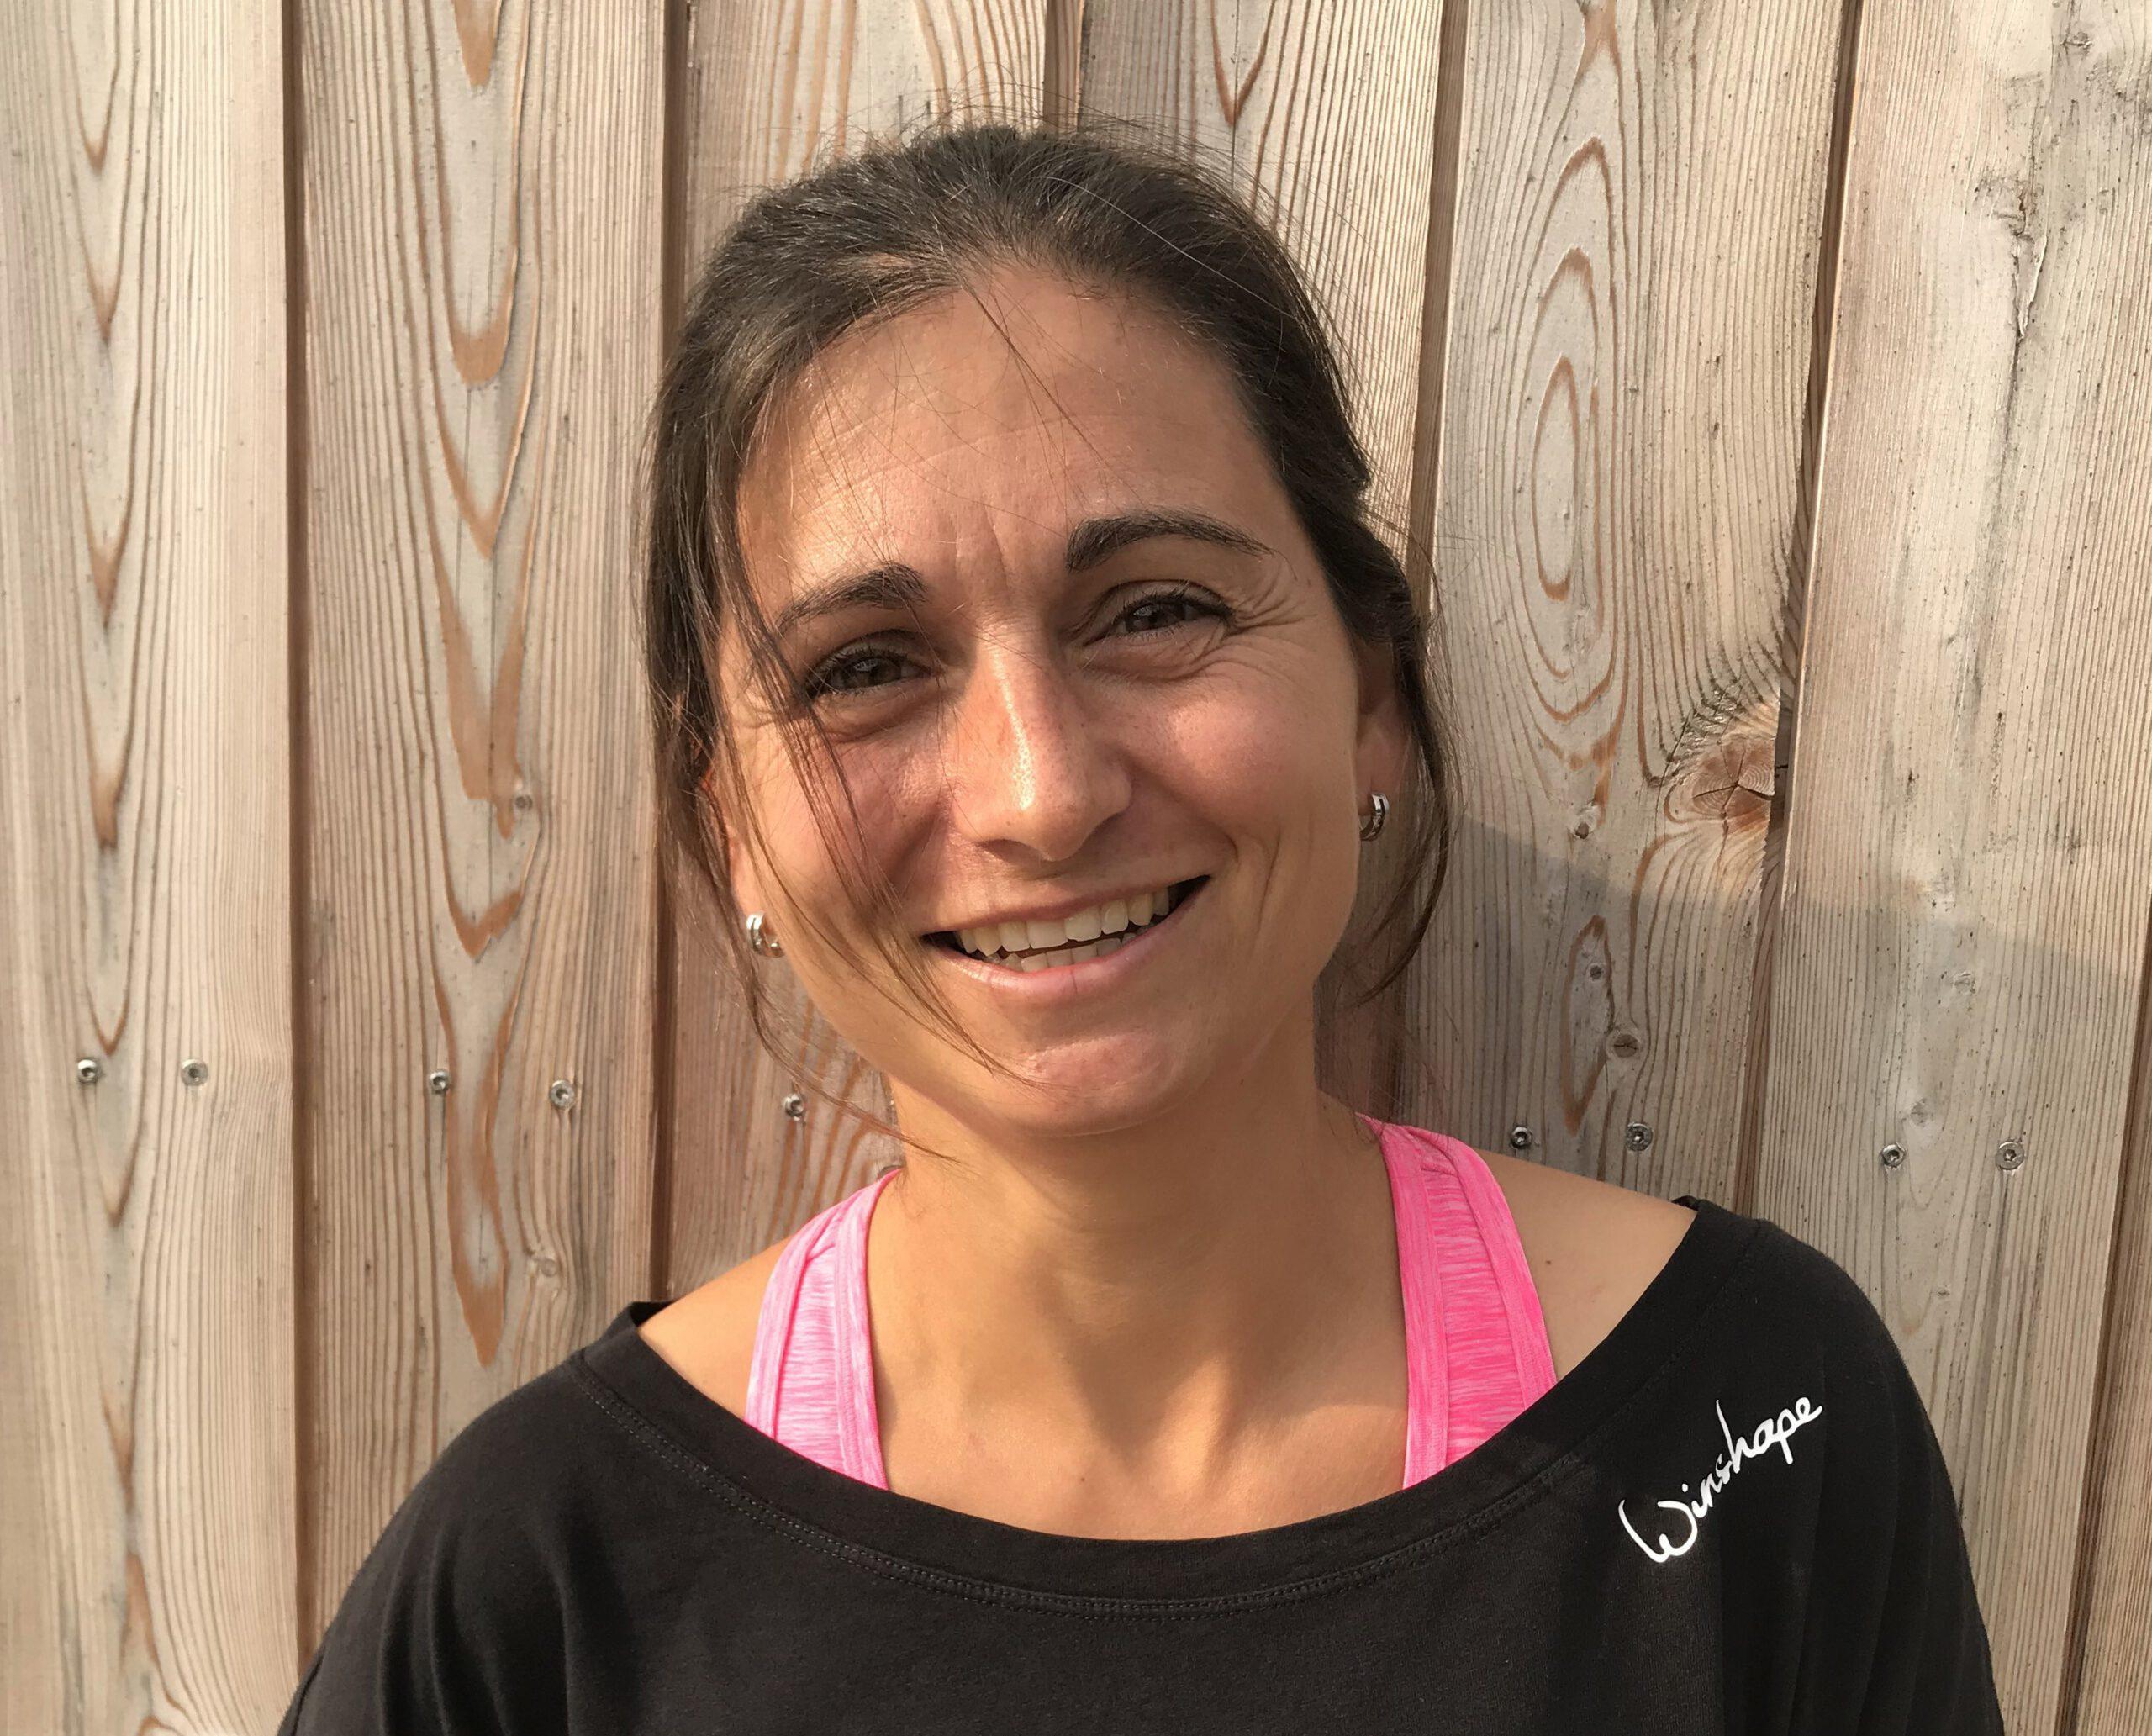 Pilates Mattentraining für junge Mamis nach der Rückbildung